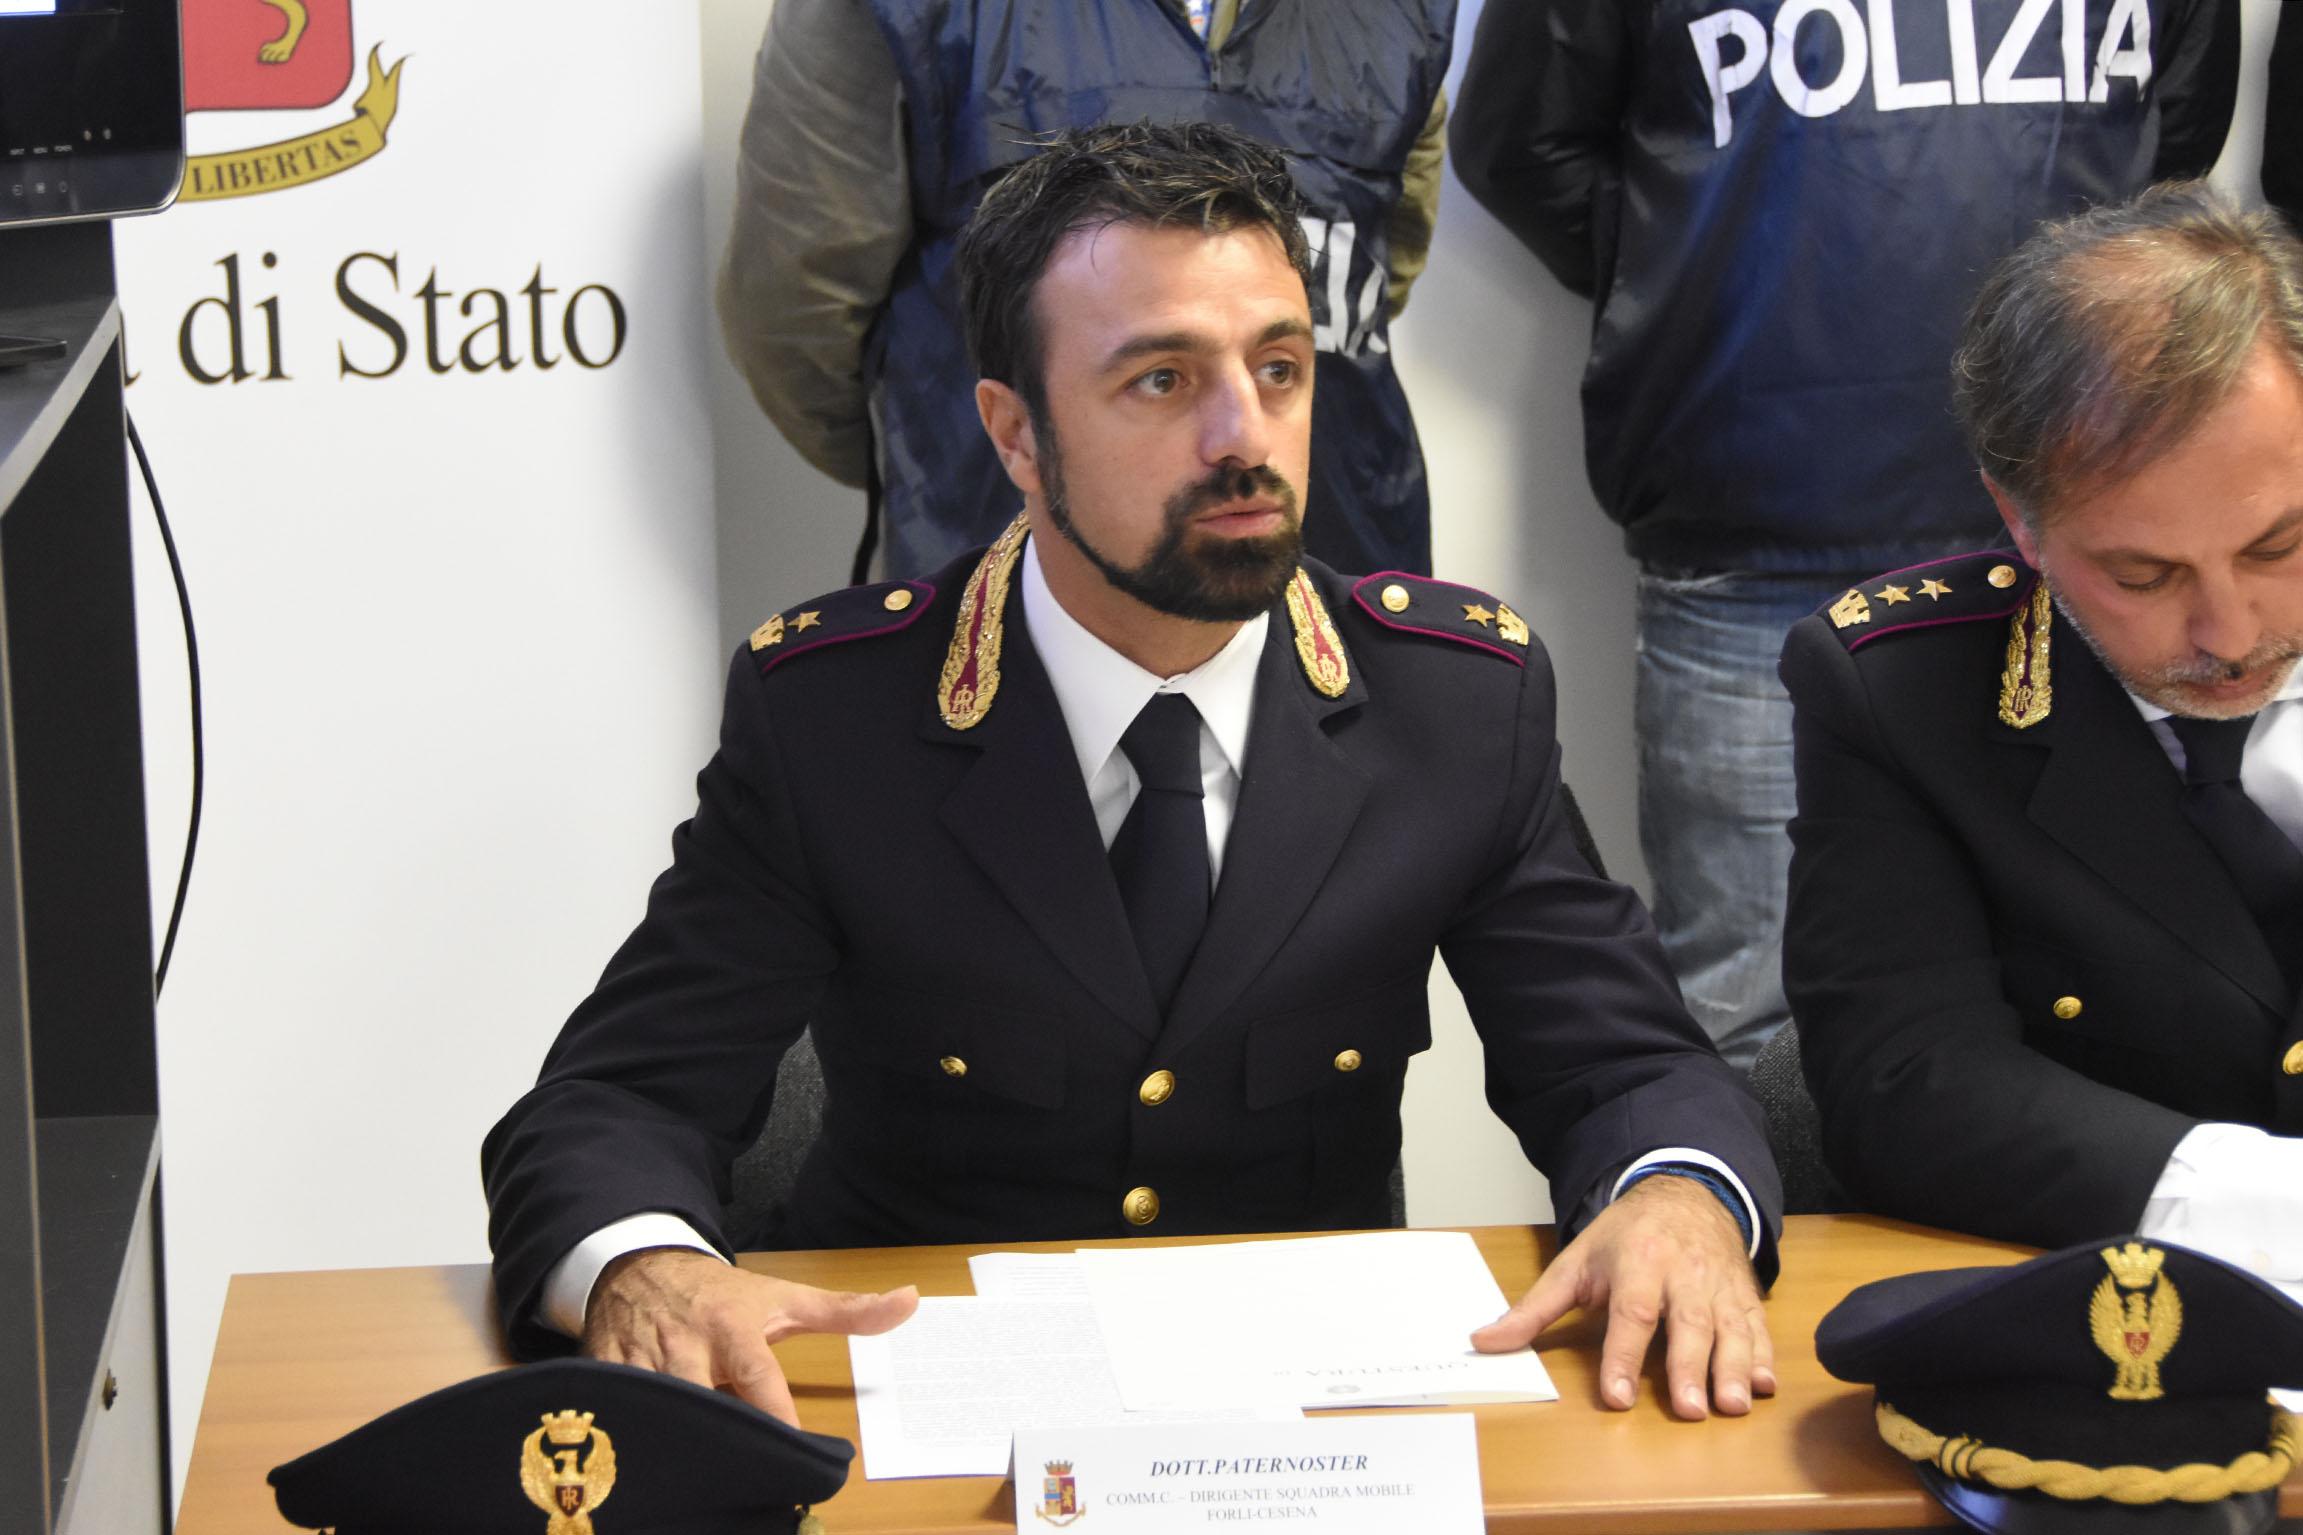 Perseguita la ex nonostante i divieti, arrestato 37enne